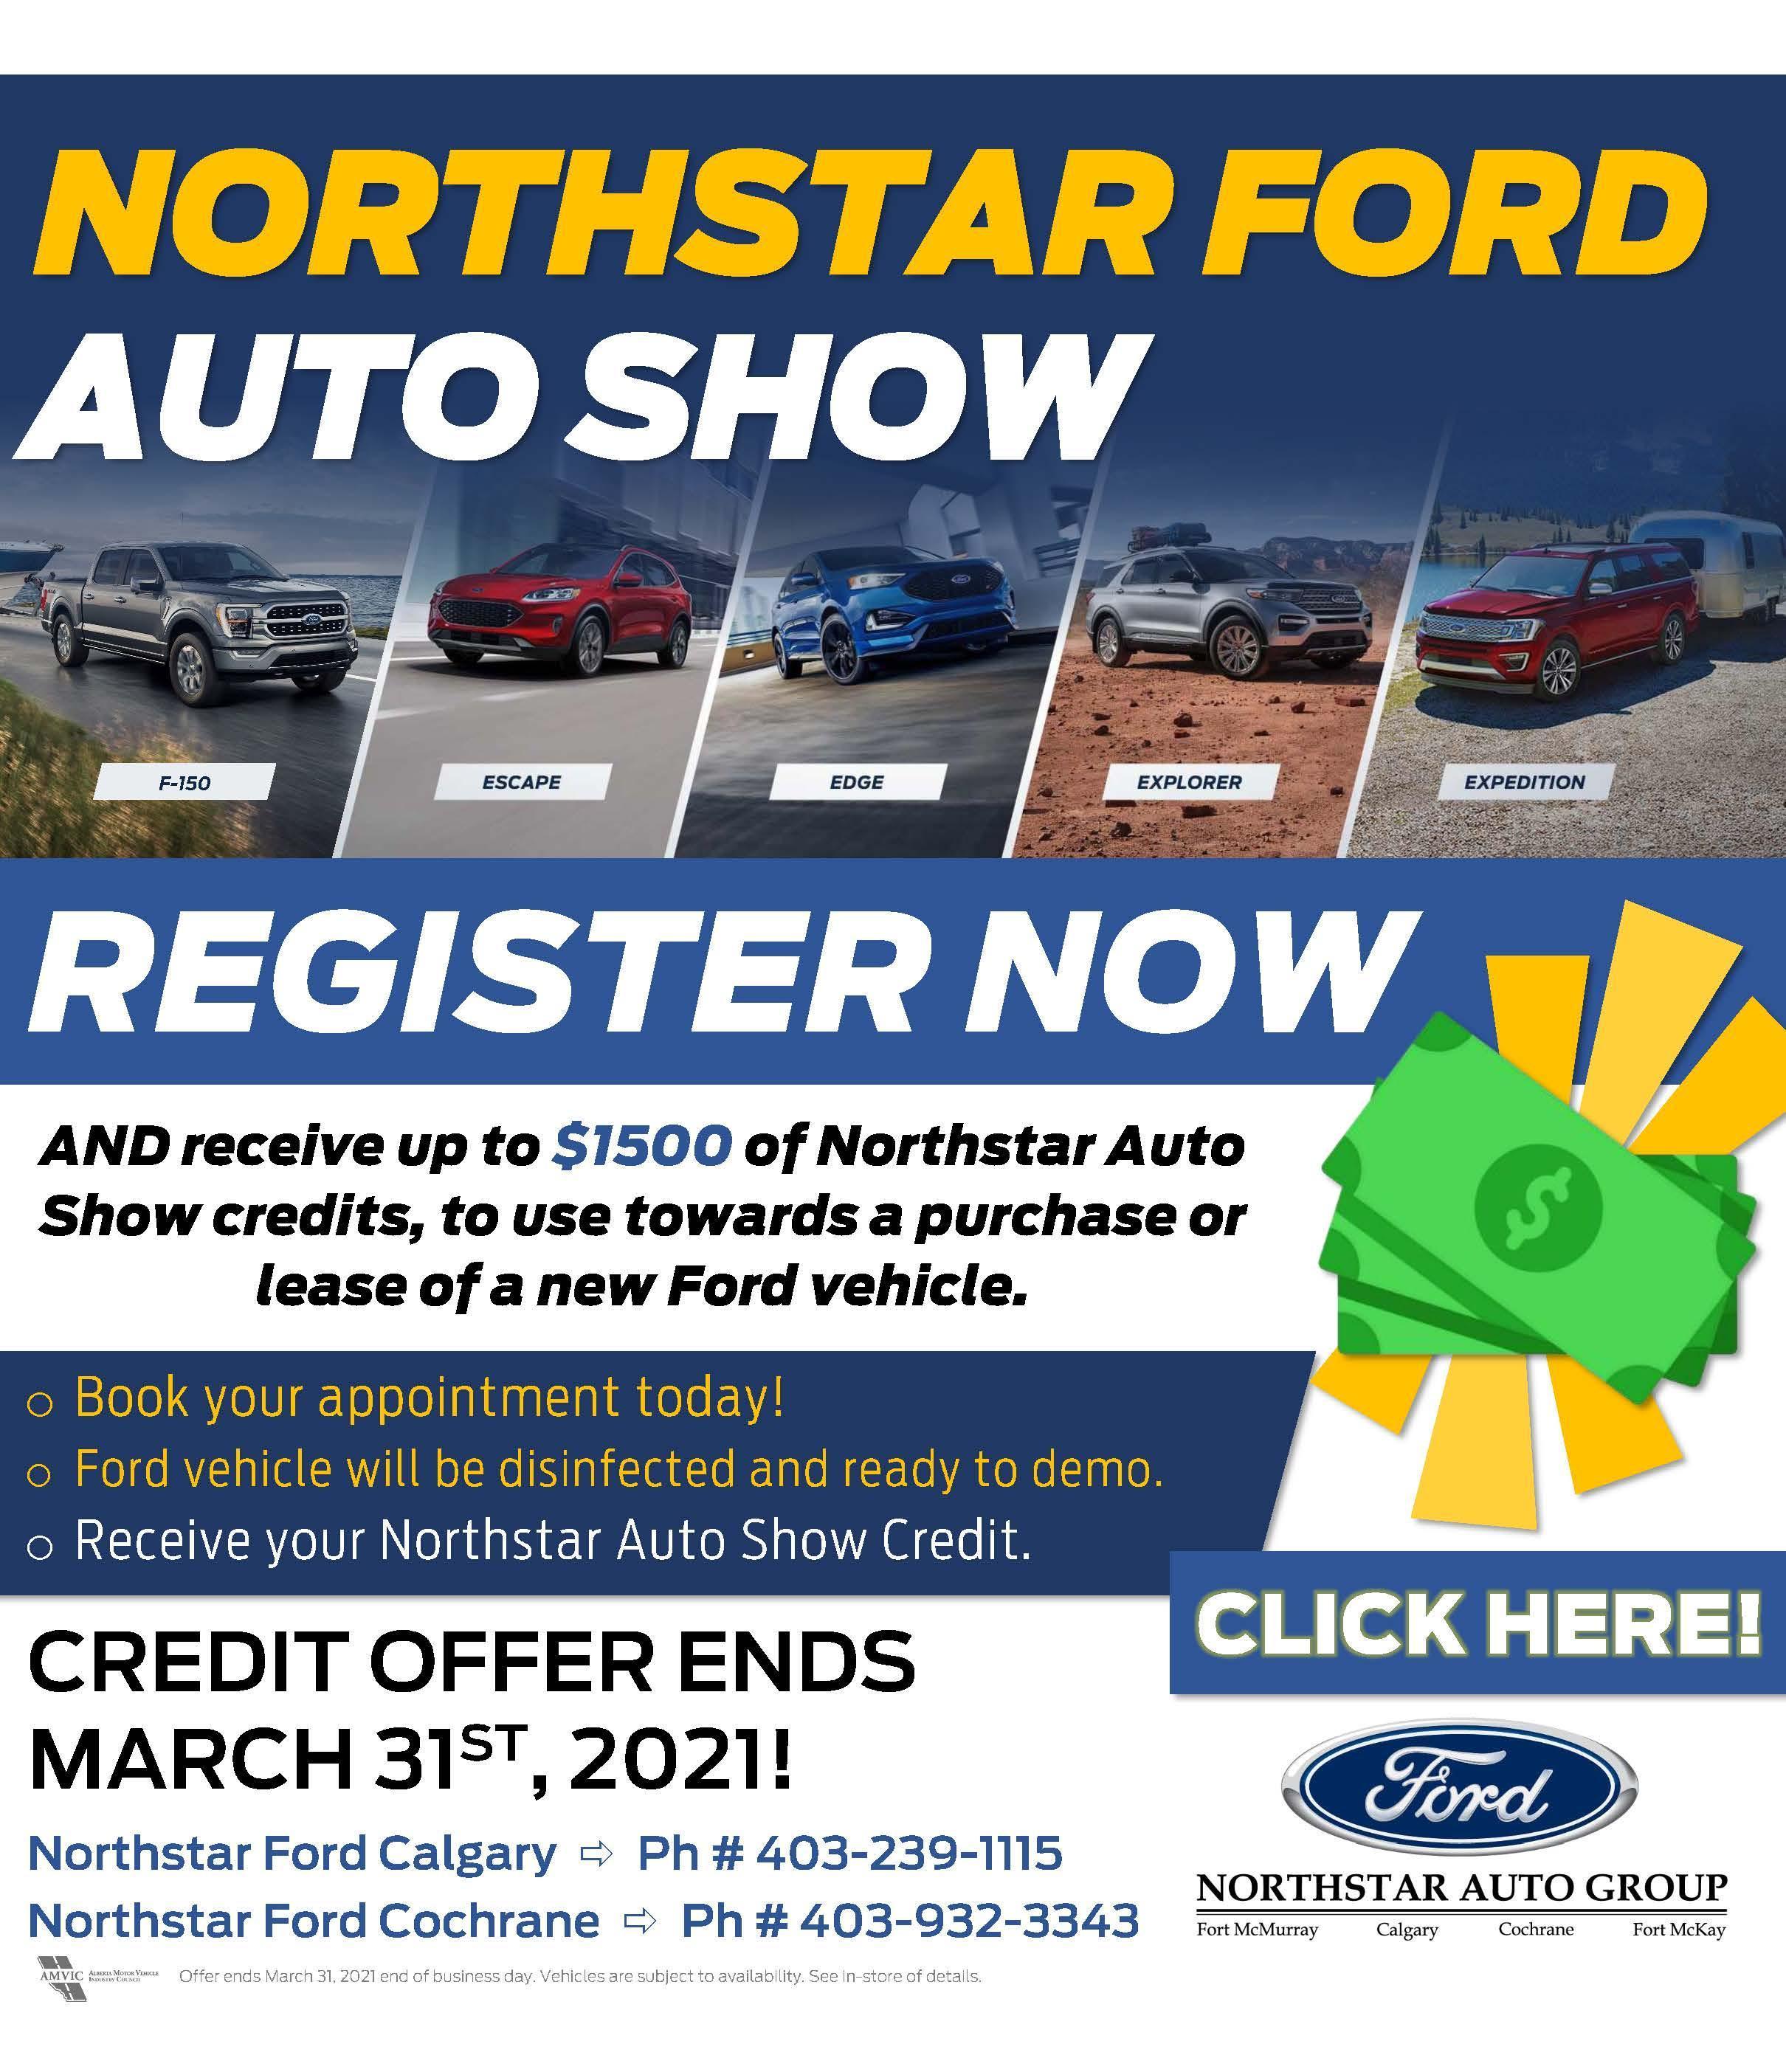 Autoshow event